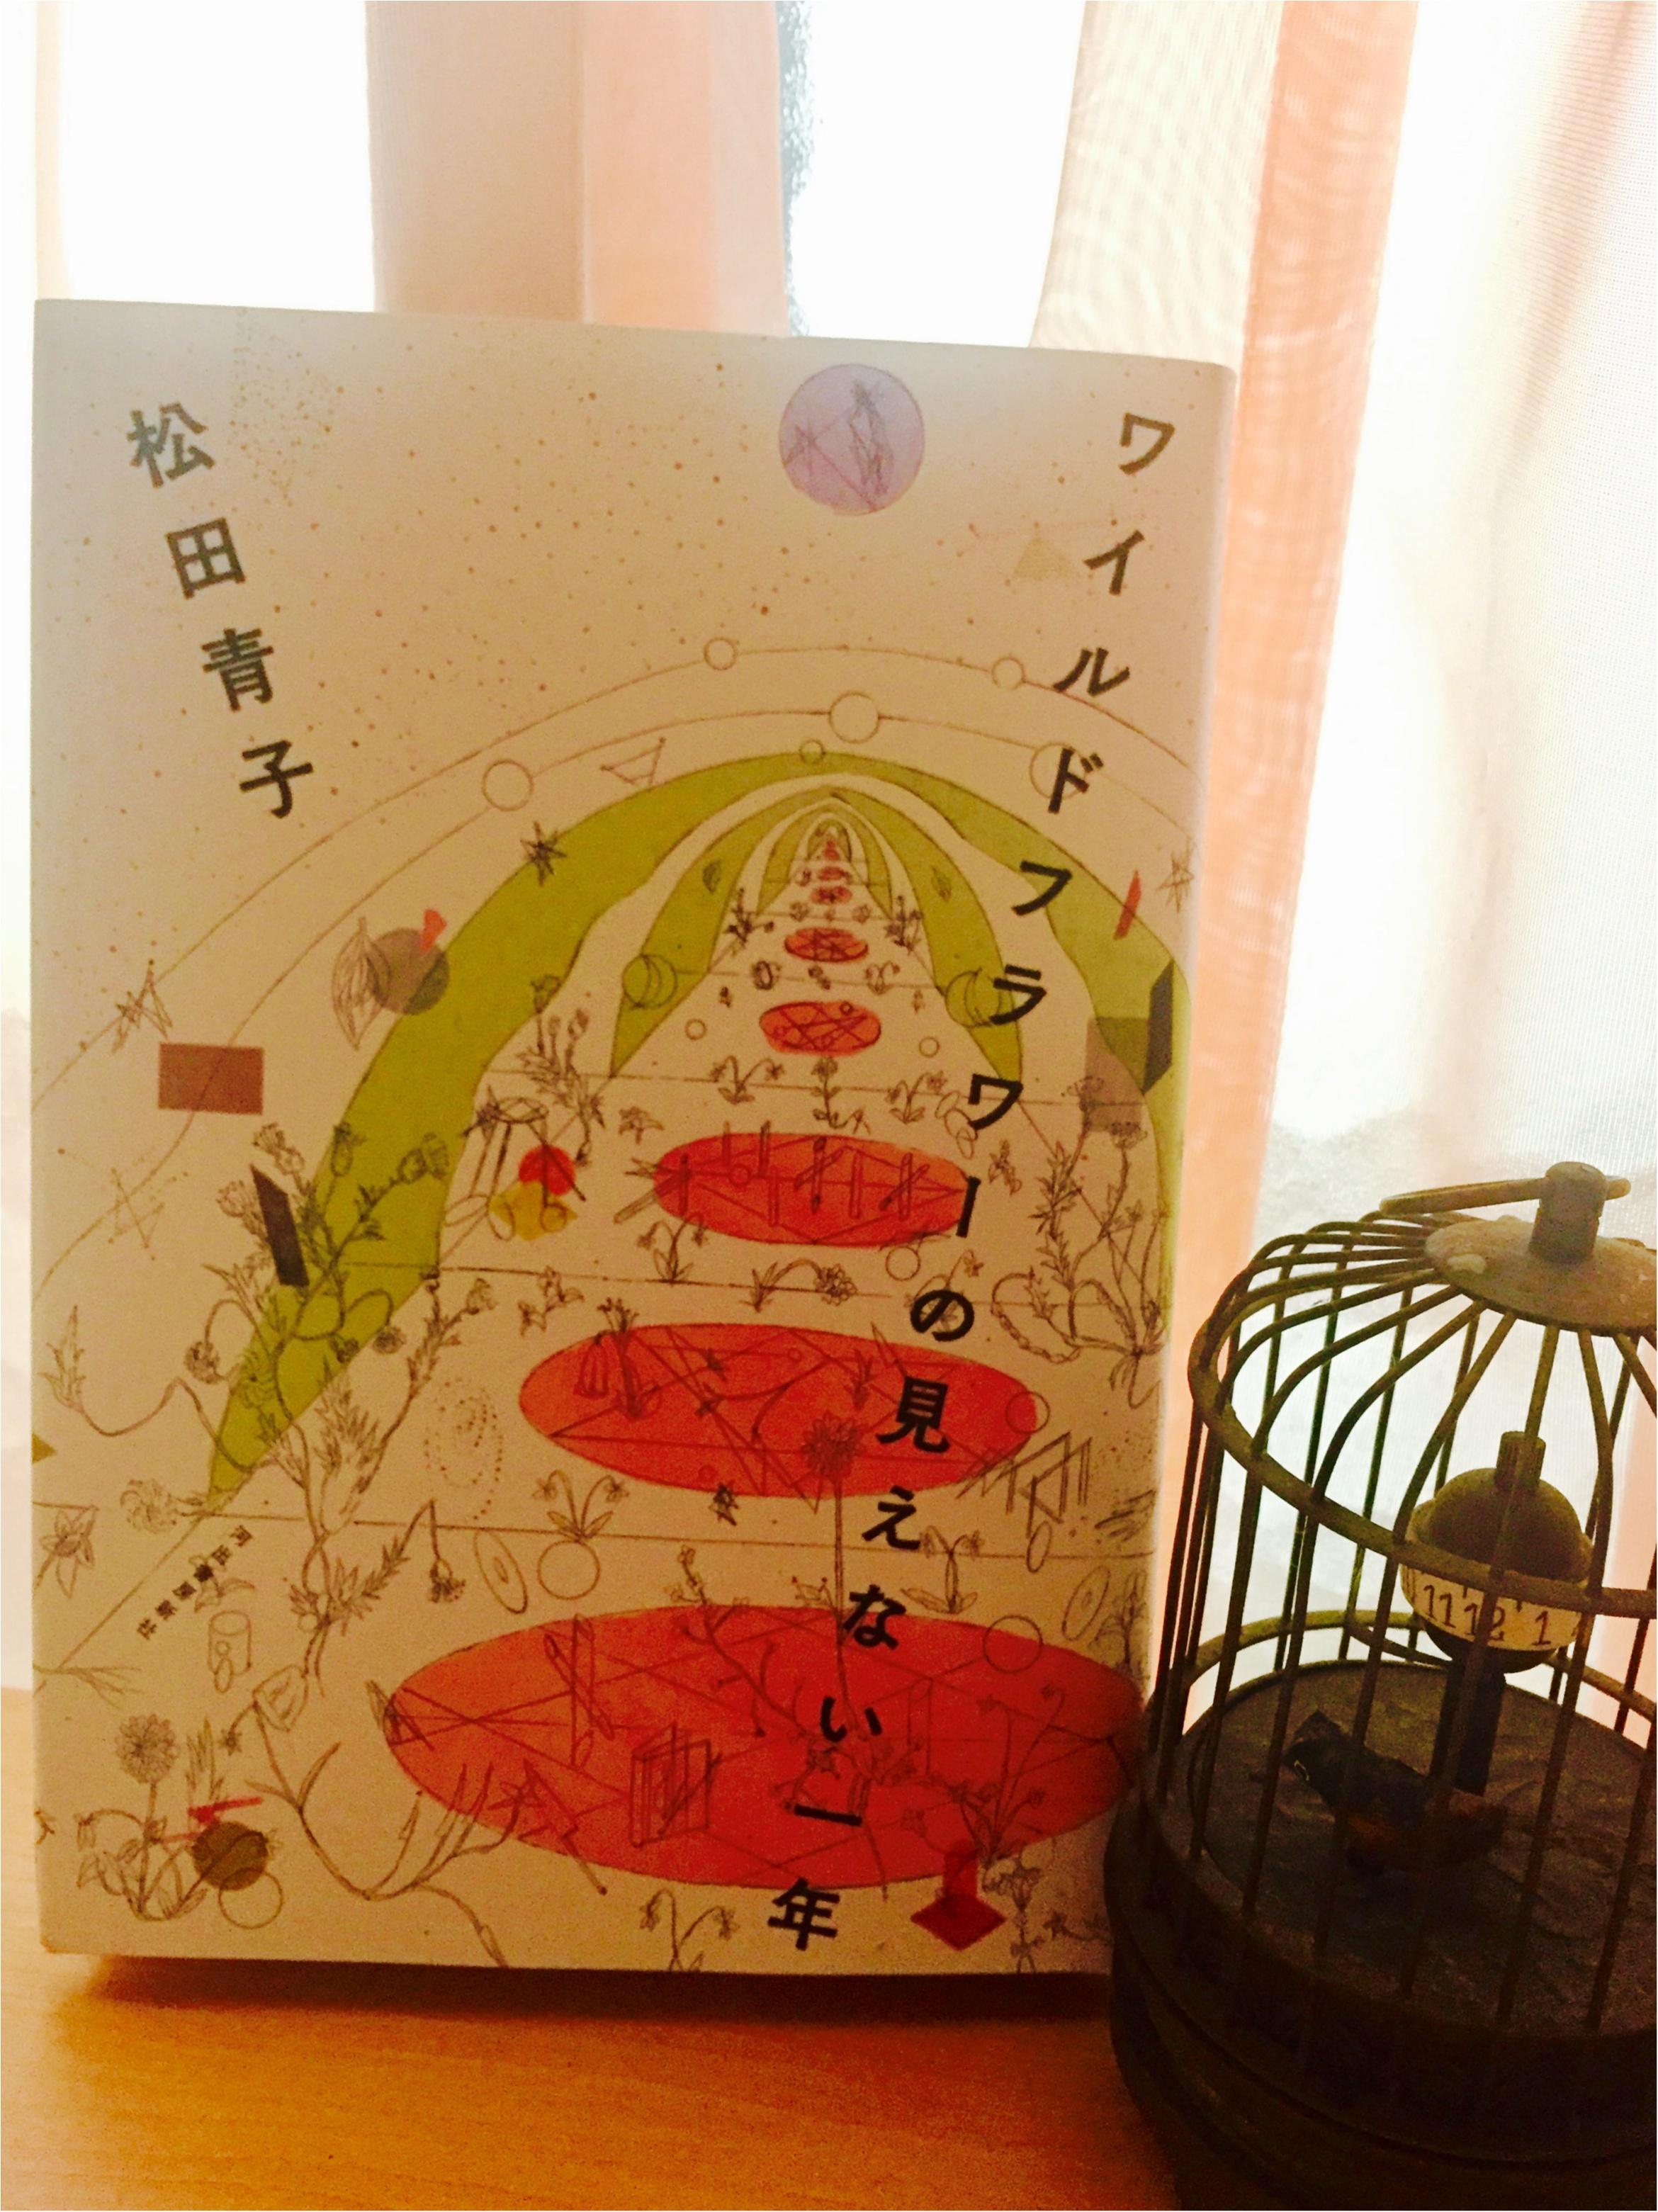 眠る前に読みたい、色っぽくて贅沢な短編集。「ワイルドフラワーの見えない一年」を読んで。_1